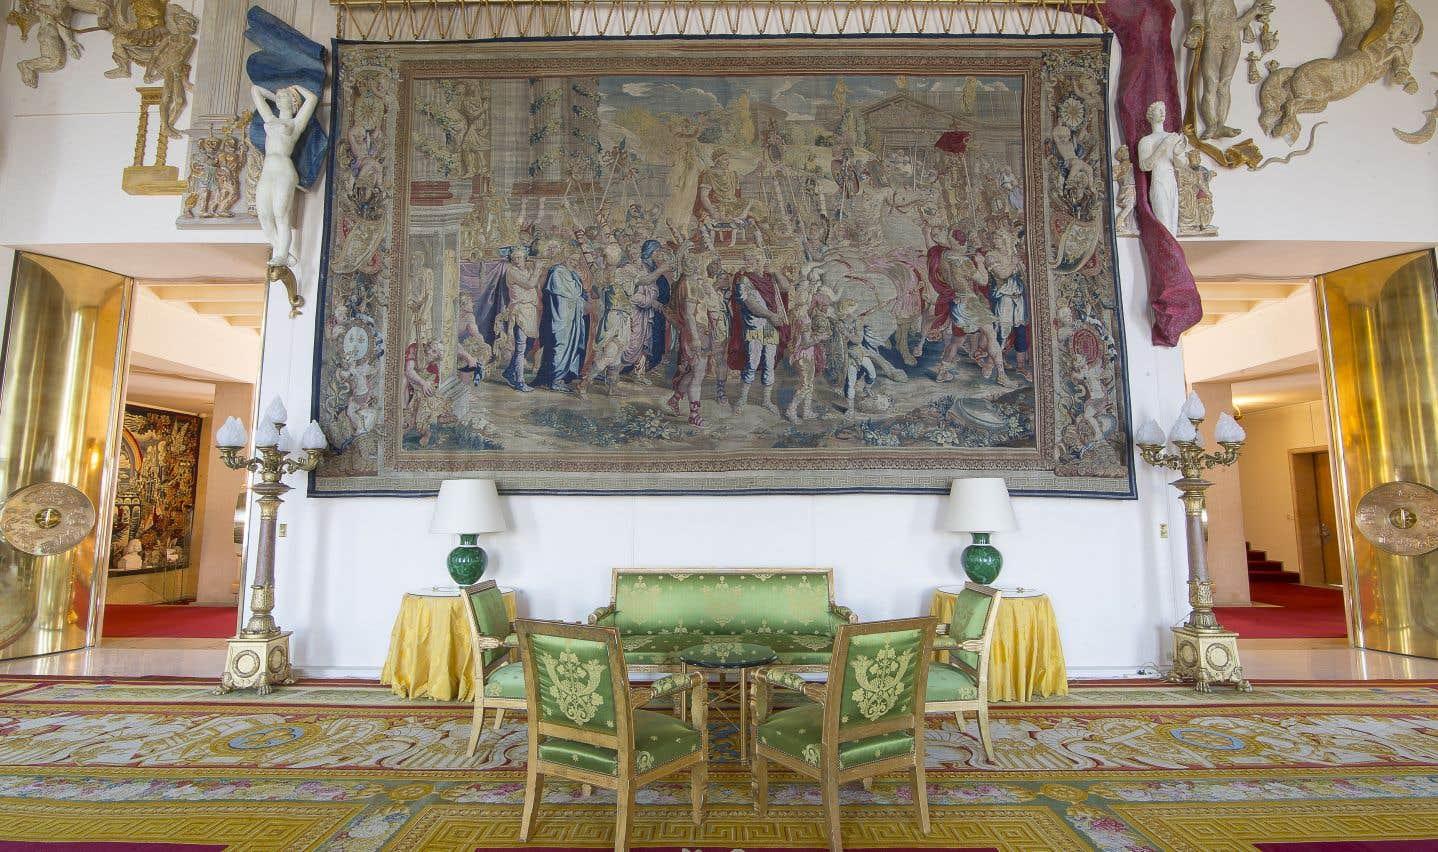 Quatre-vingts ans et quelques restaurations plus tard, l'ambassade demeure l'un des joyaux du réseau diplomatique français.